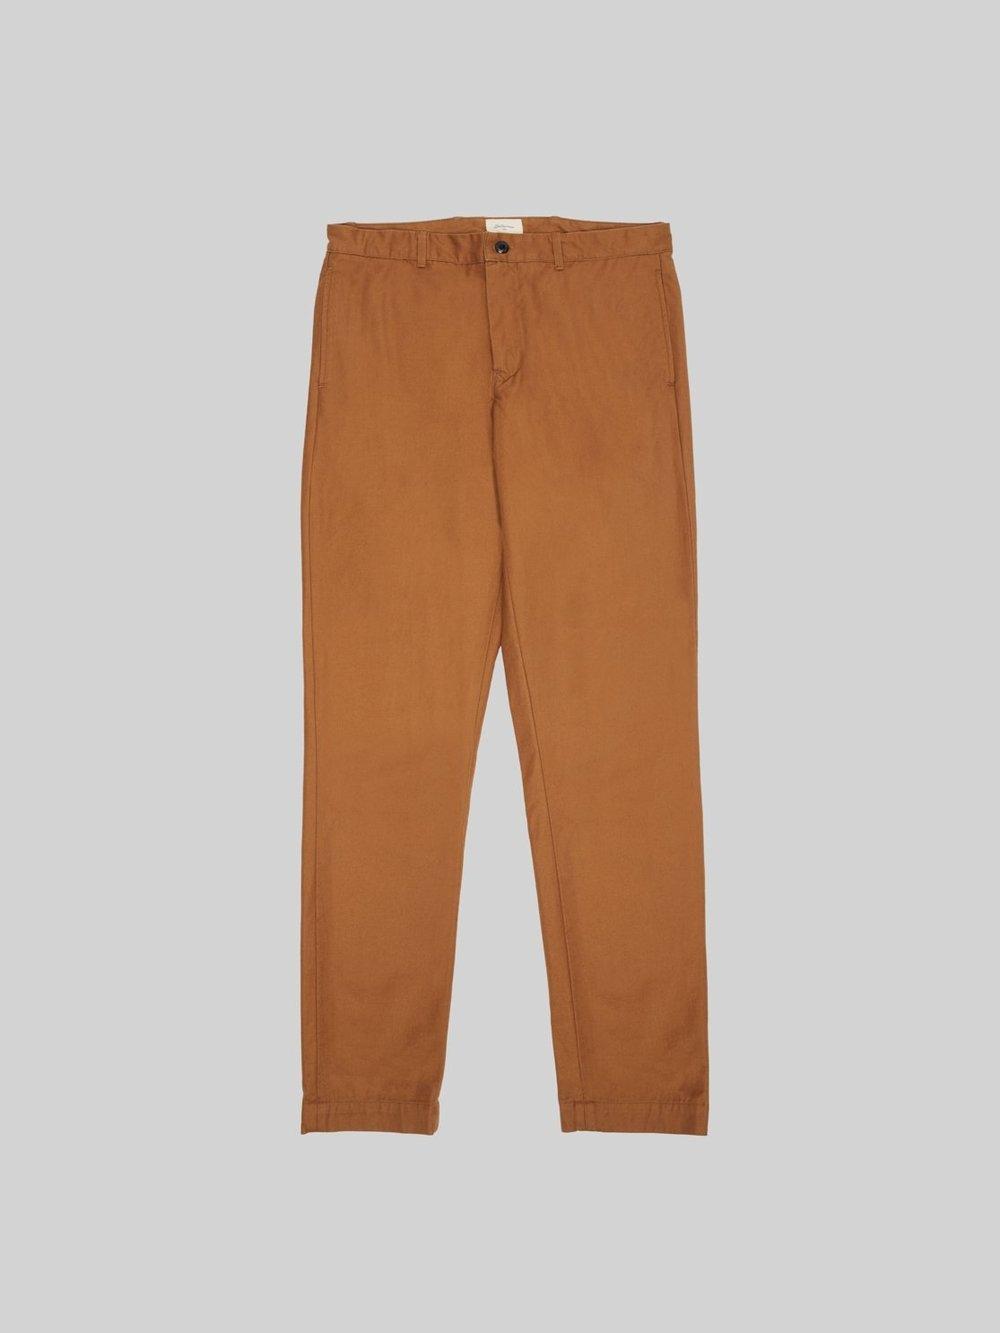 Porth pants